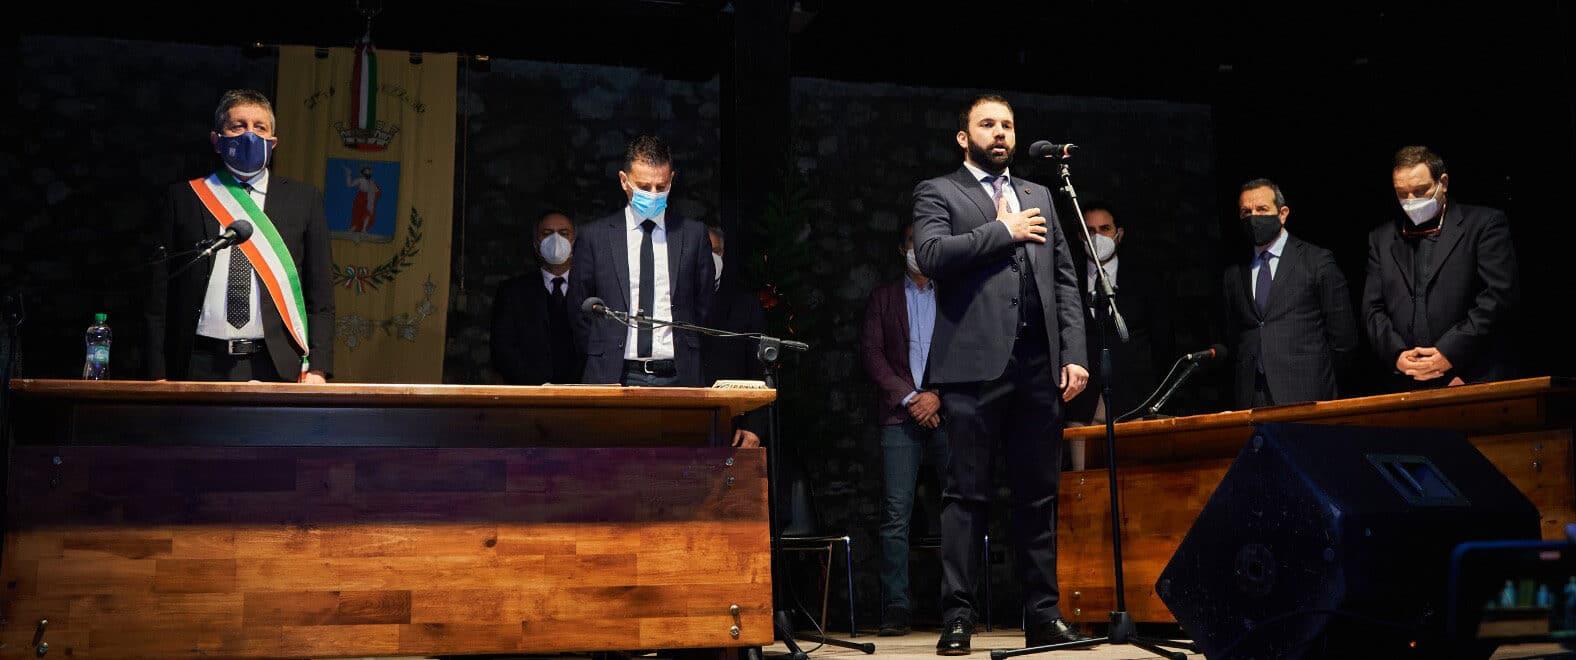 Il tenore marsicano Aleandro Mariani apre la cerimonia di commemorazione delle vittime del terremoto del 1915